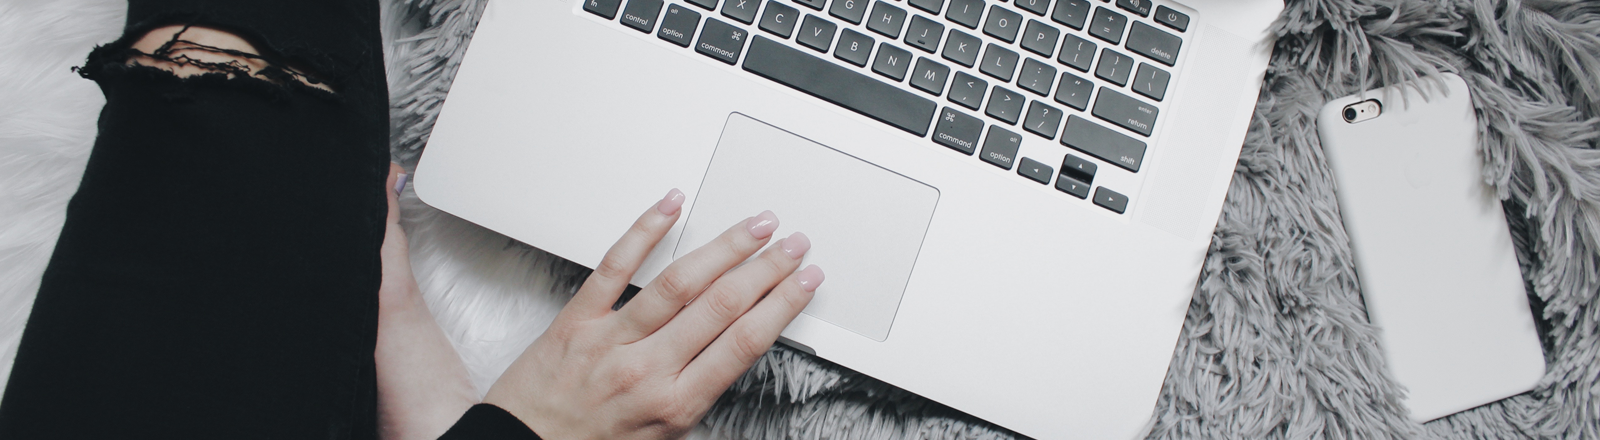 die Hand einer Frau auf dem Trackpad ihres Laptops